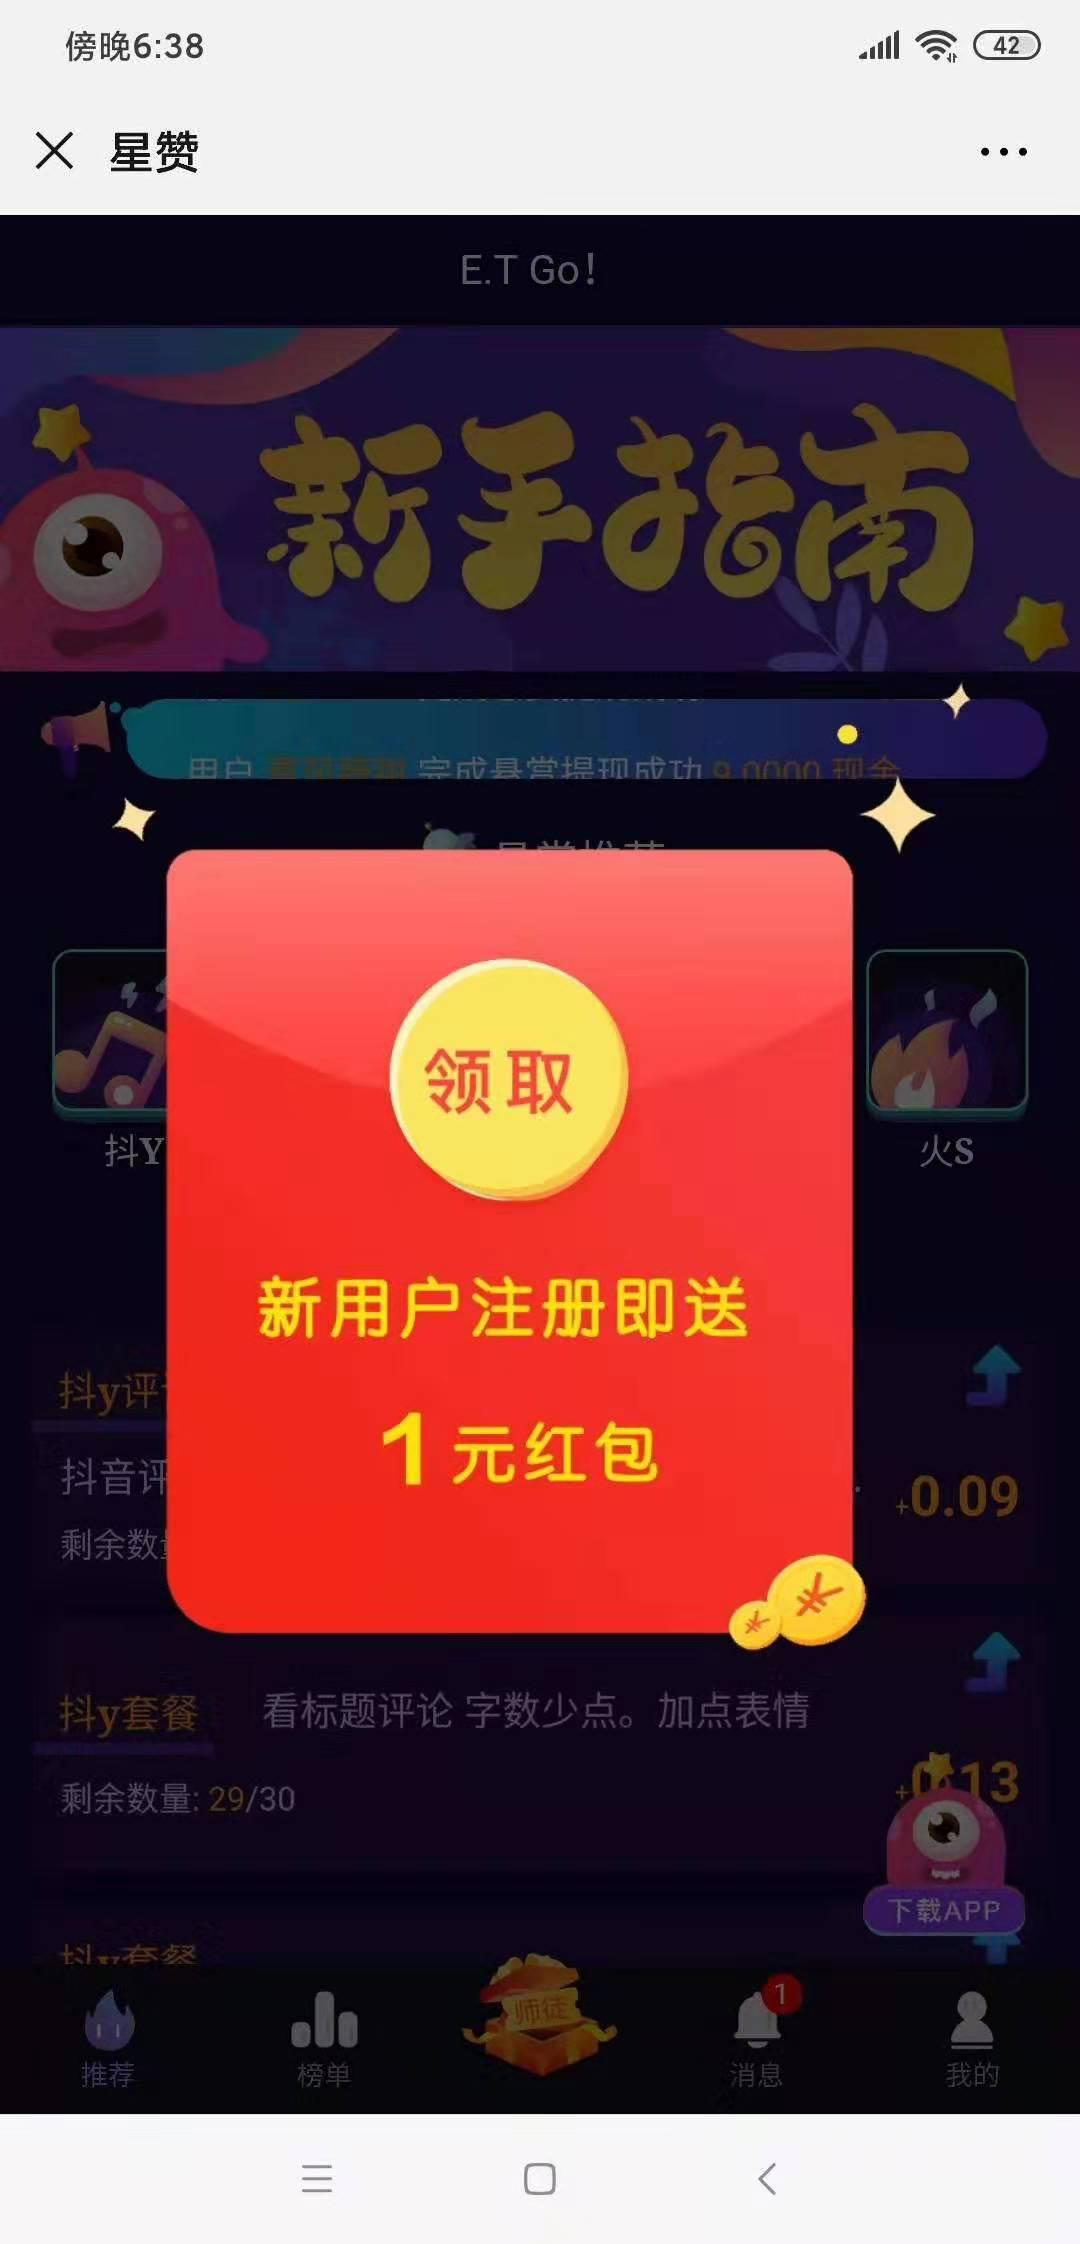 【变现10元】星赞:类似快乐赞,短视频点赞赚钱,能日入过百? 第4张